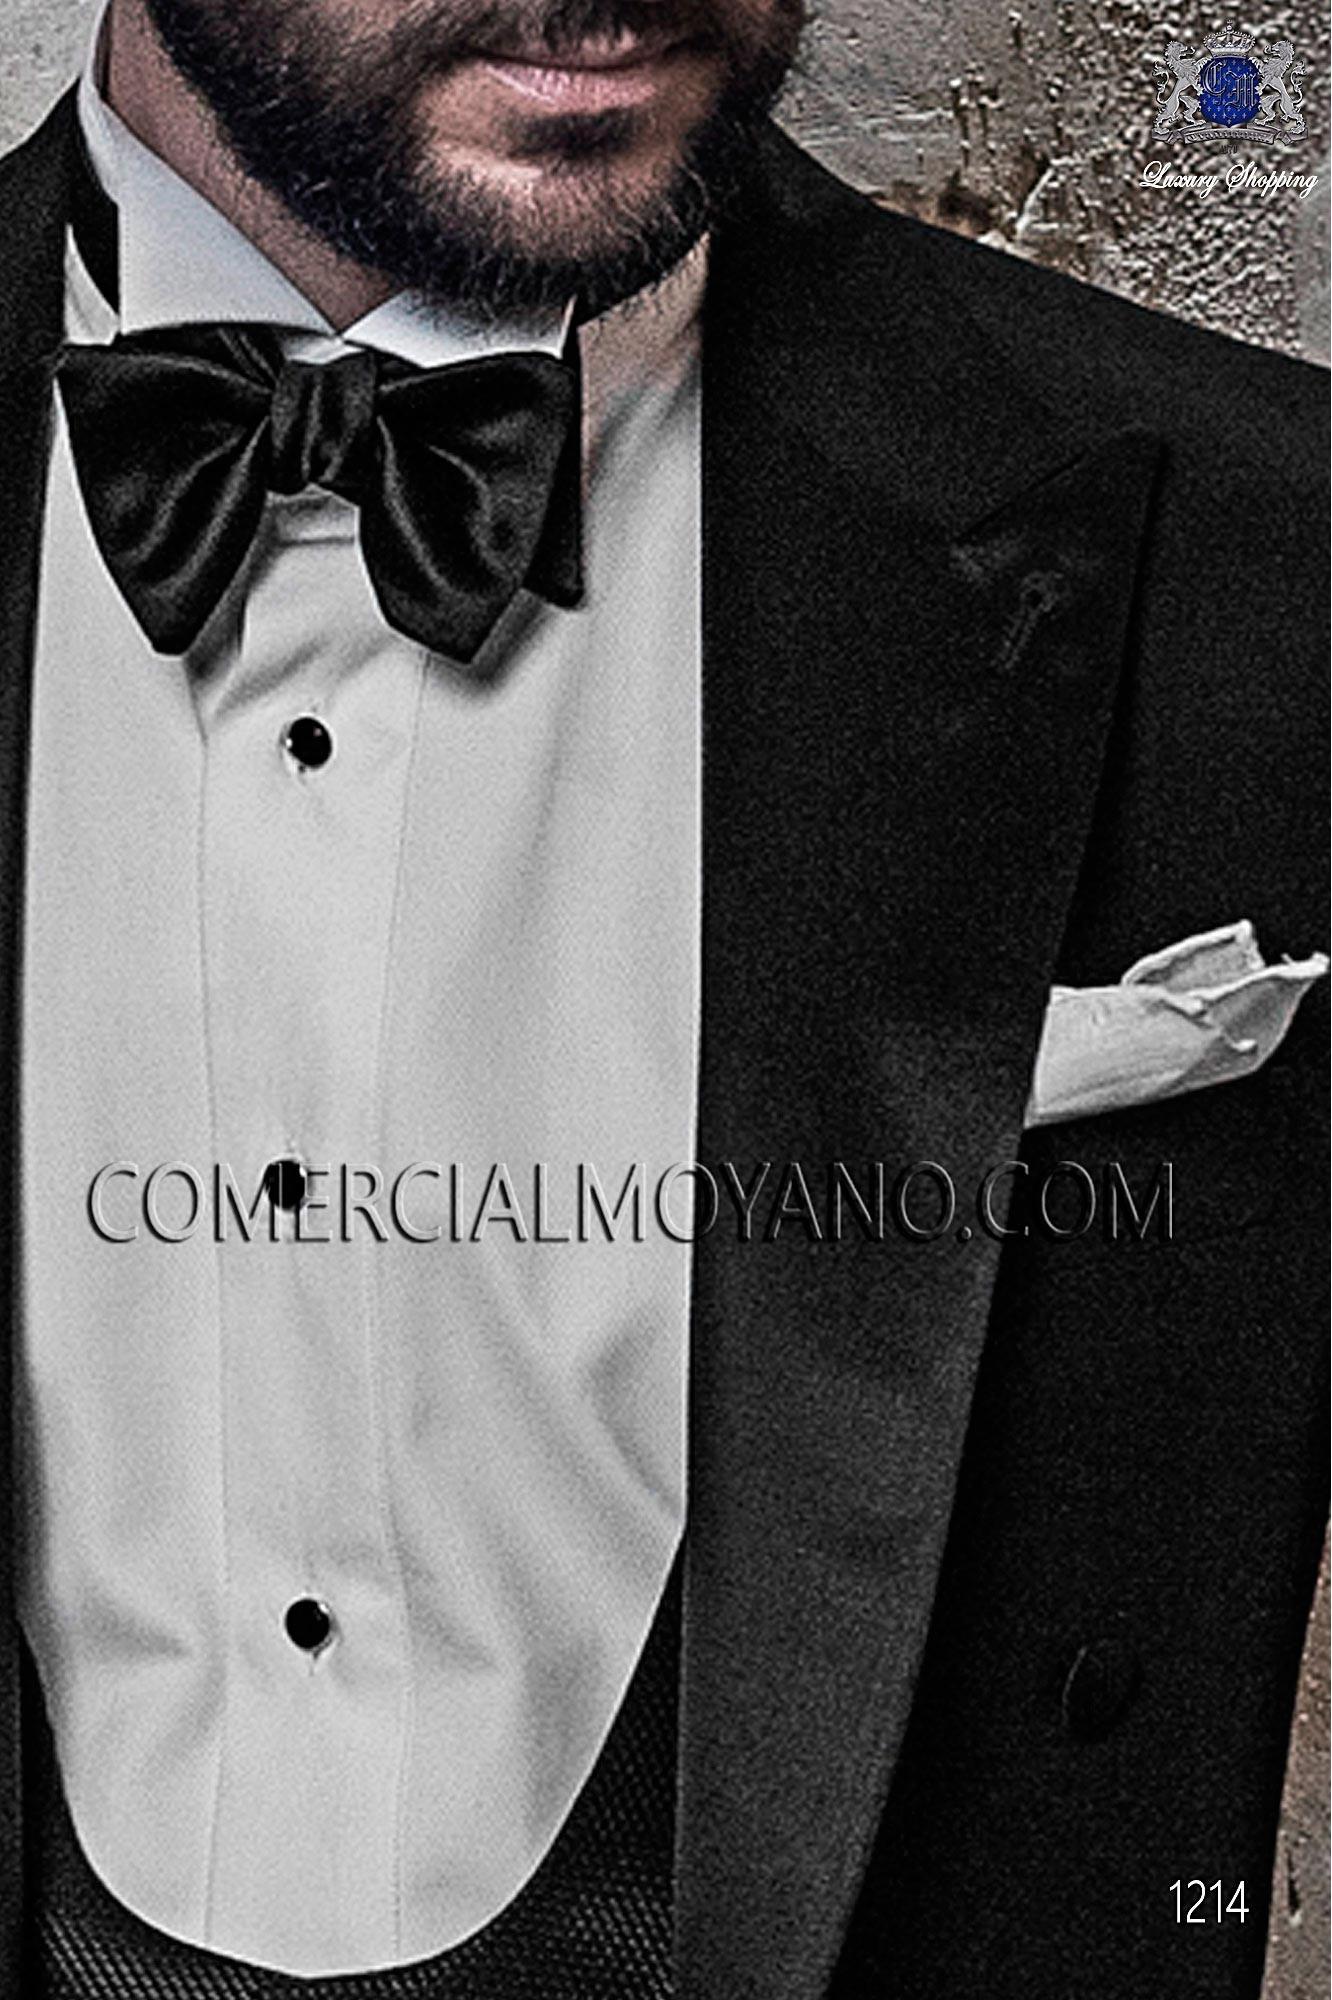 Italian blacktie Black men wedding suit, model: 1214 Ottavio Nuccio Gala Black Tie Collection